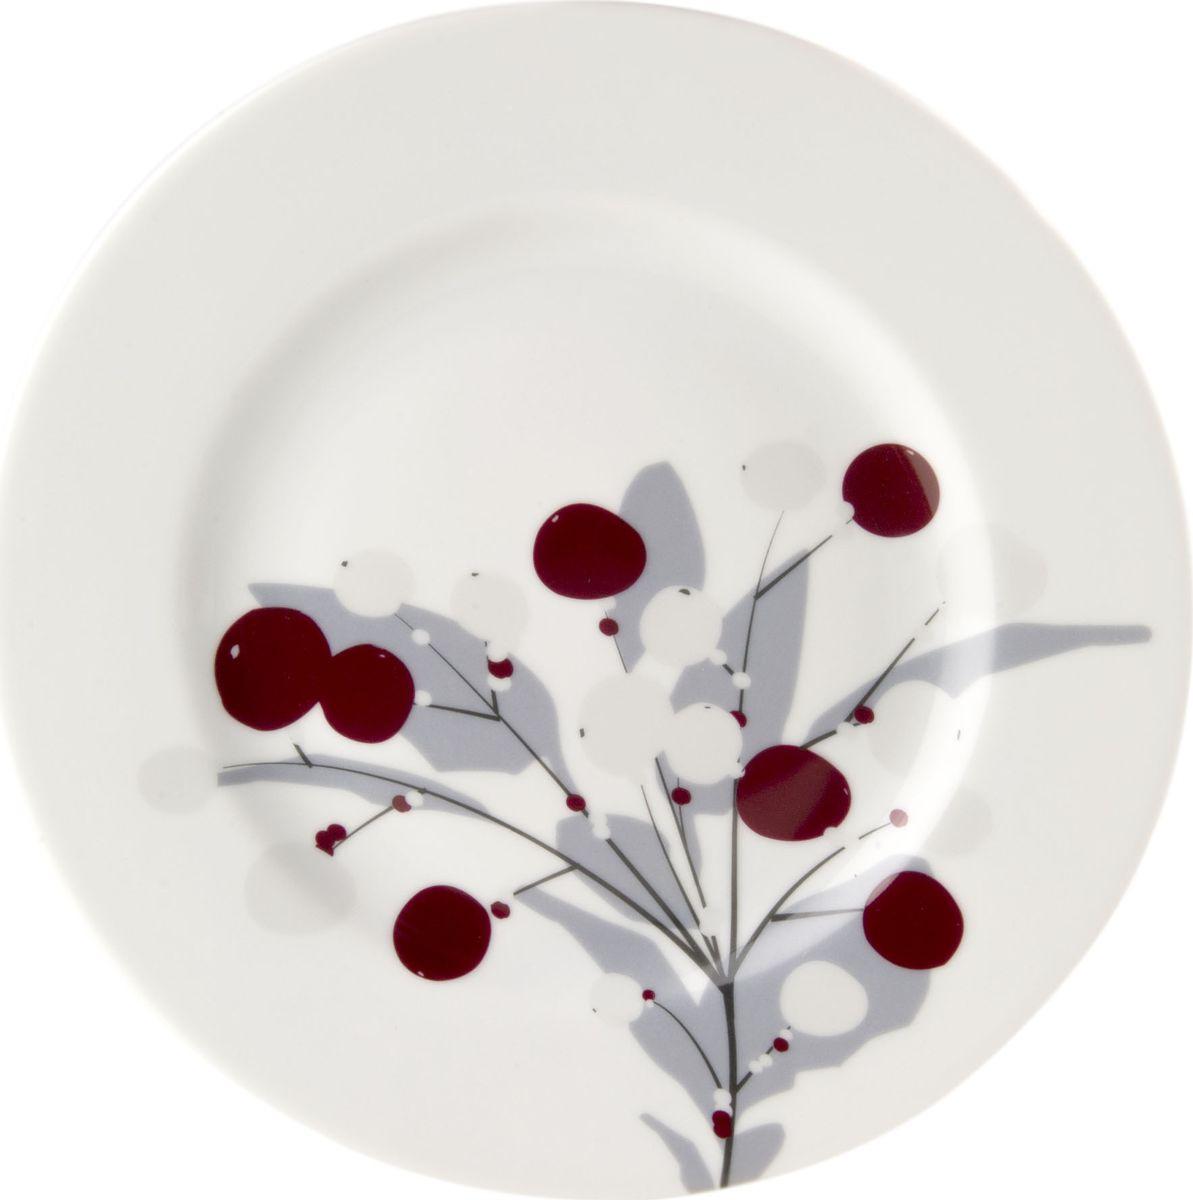 Тарелка Muurla Snowberry, диаметр 21 см365-021-01Тарелка Muurla Snowberry выполнена из фарфора. Она всегда будет украшением вашего стола, будь это праздник или обычный будний день в кругу семьи. Диаметр: 21 см.